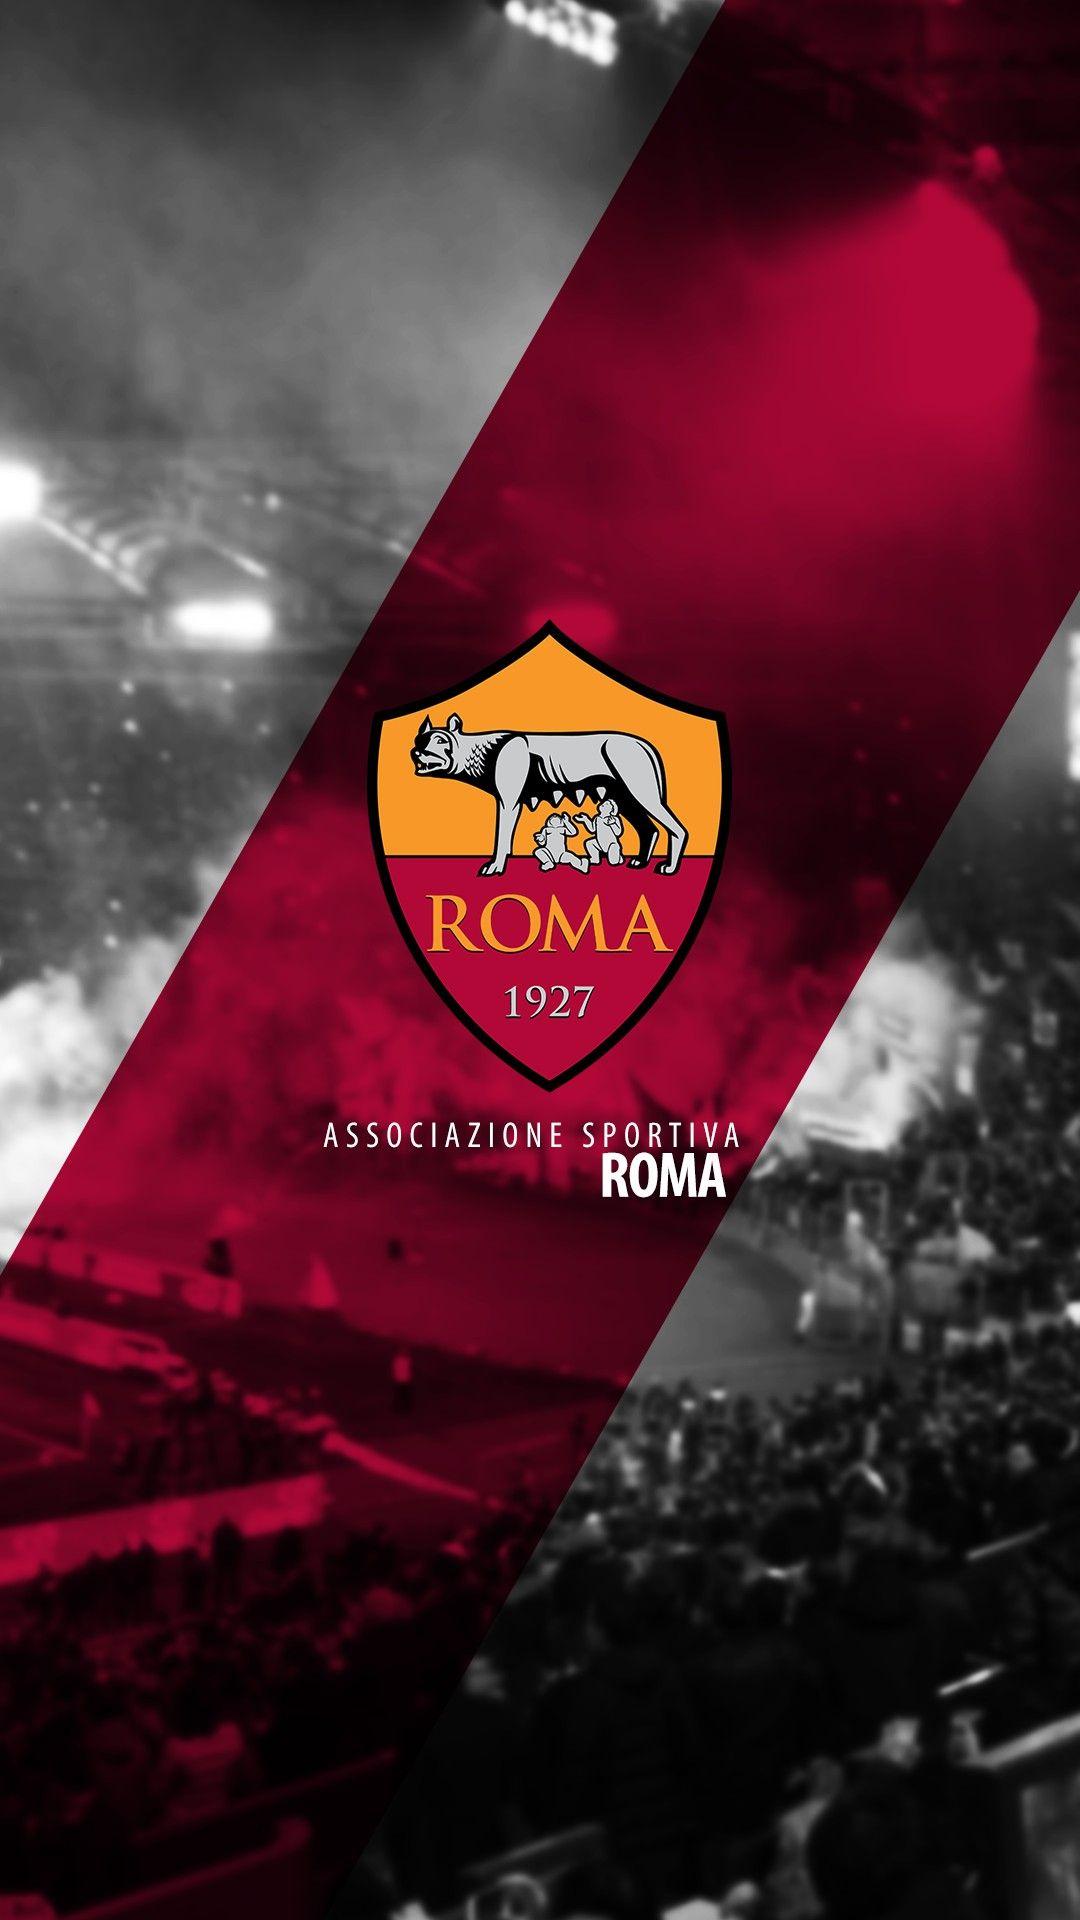 Associazione Sportiva Roma in 2021   As roma, Football wallpaper, Roma